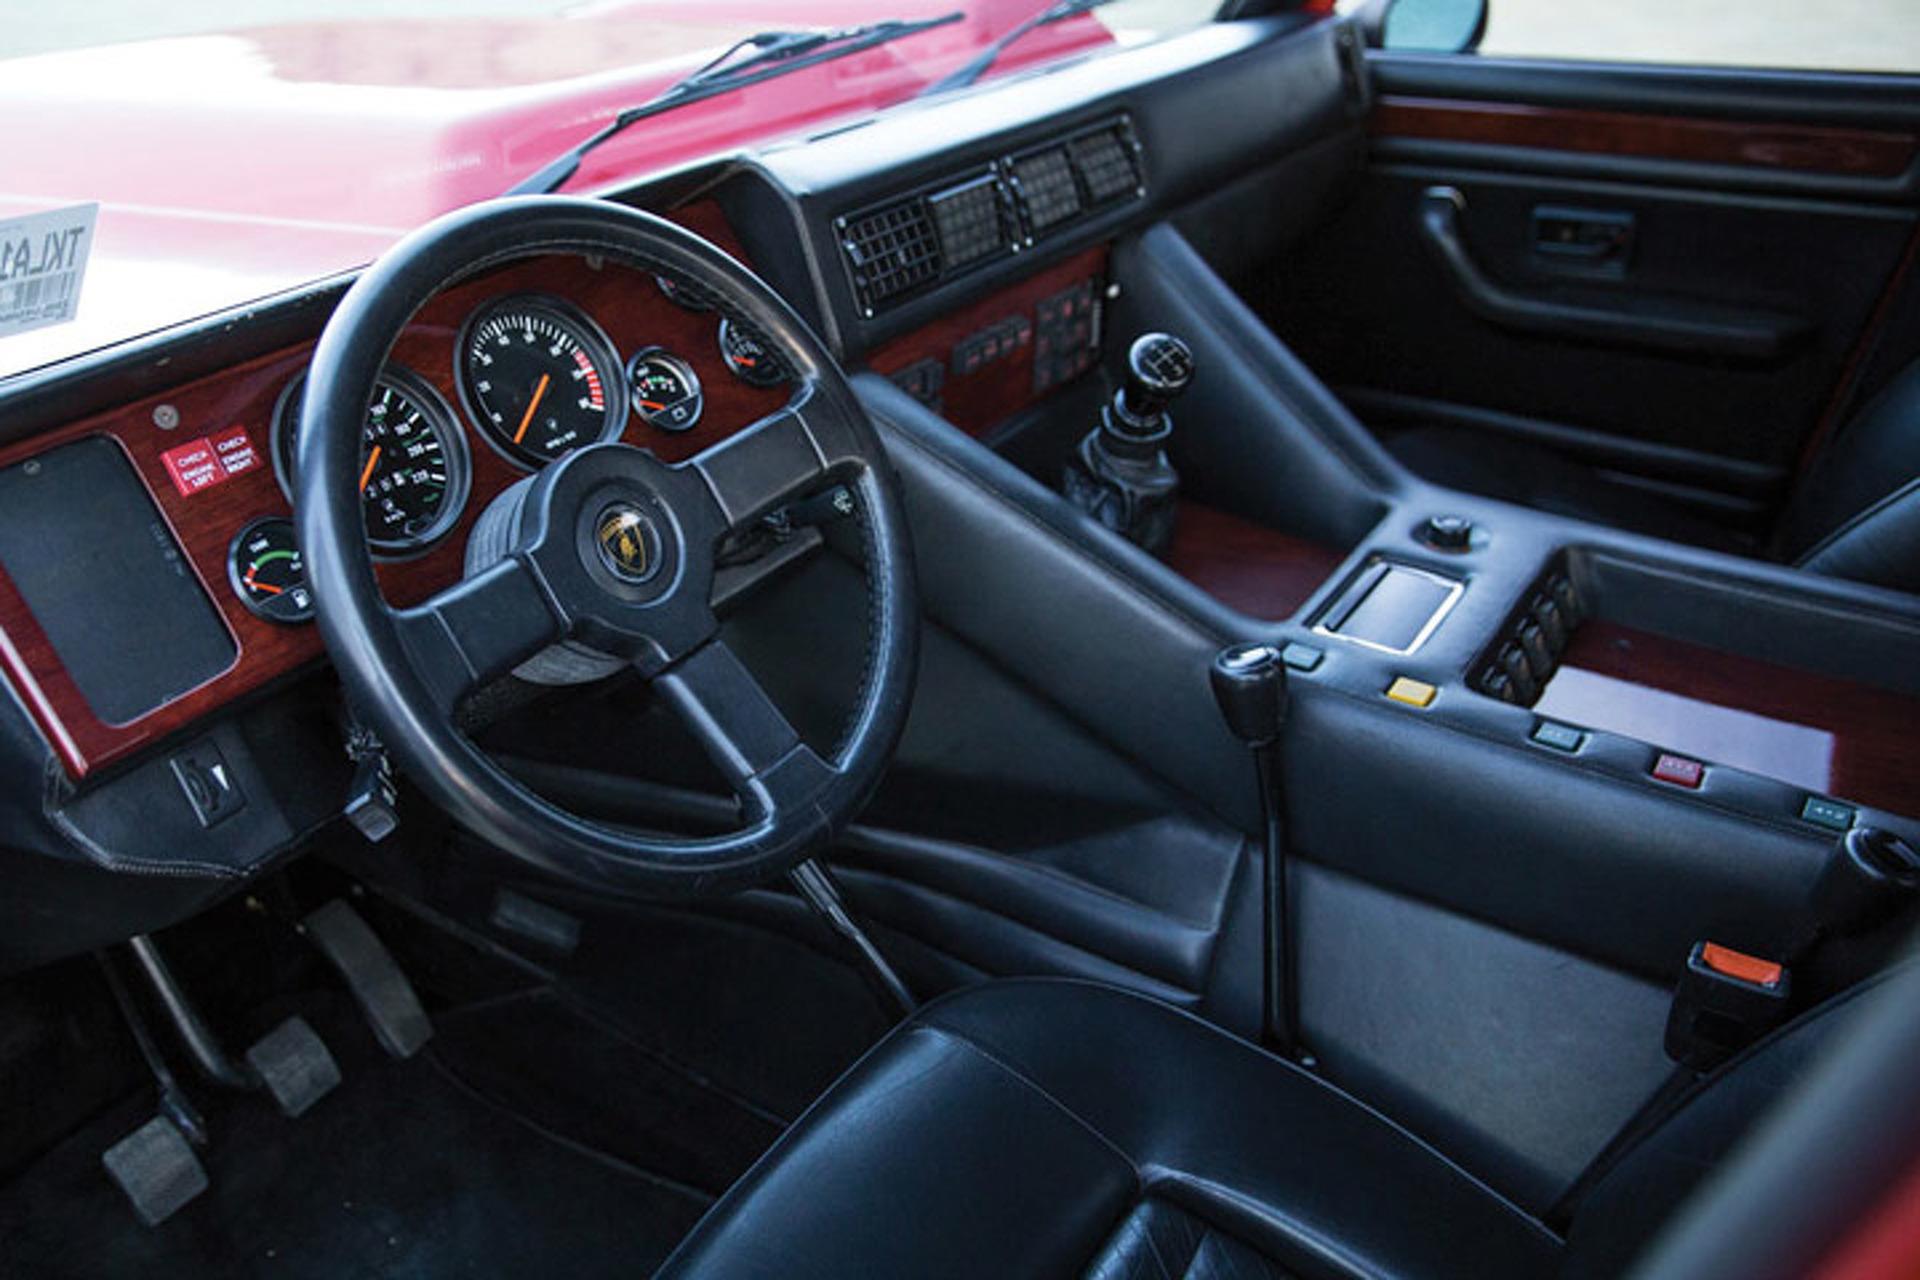 Rare Lamborghini SUV to Cross the Auction Block